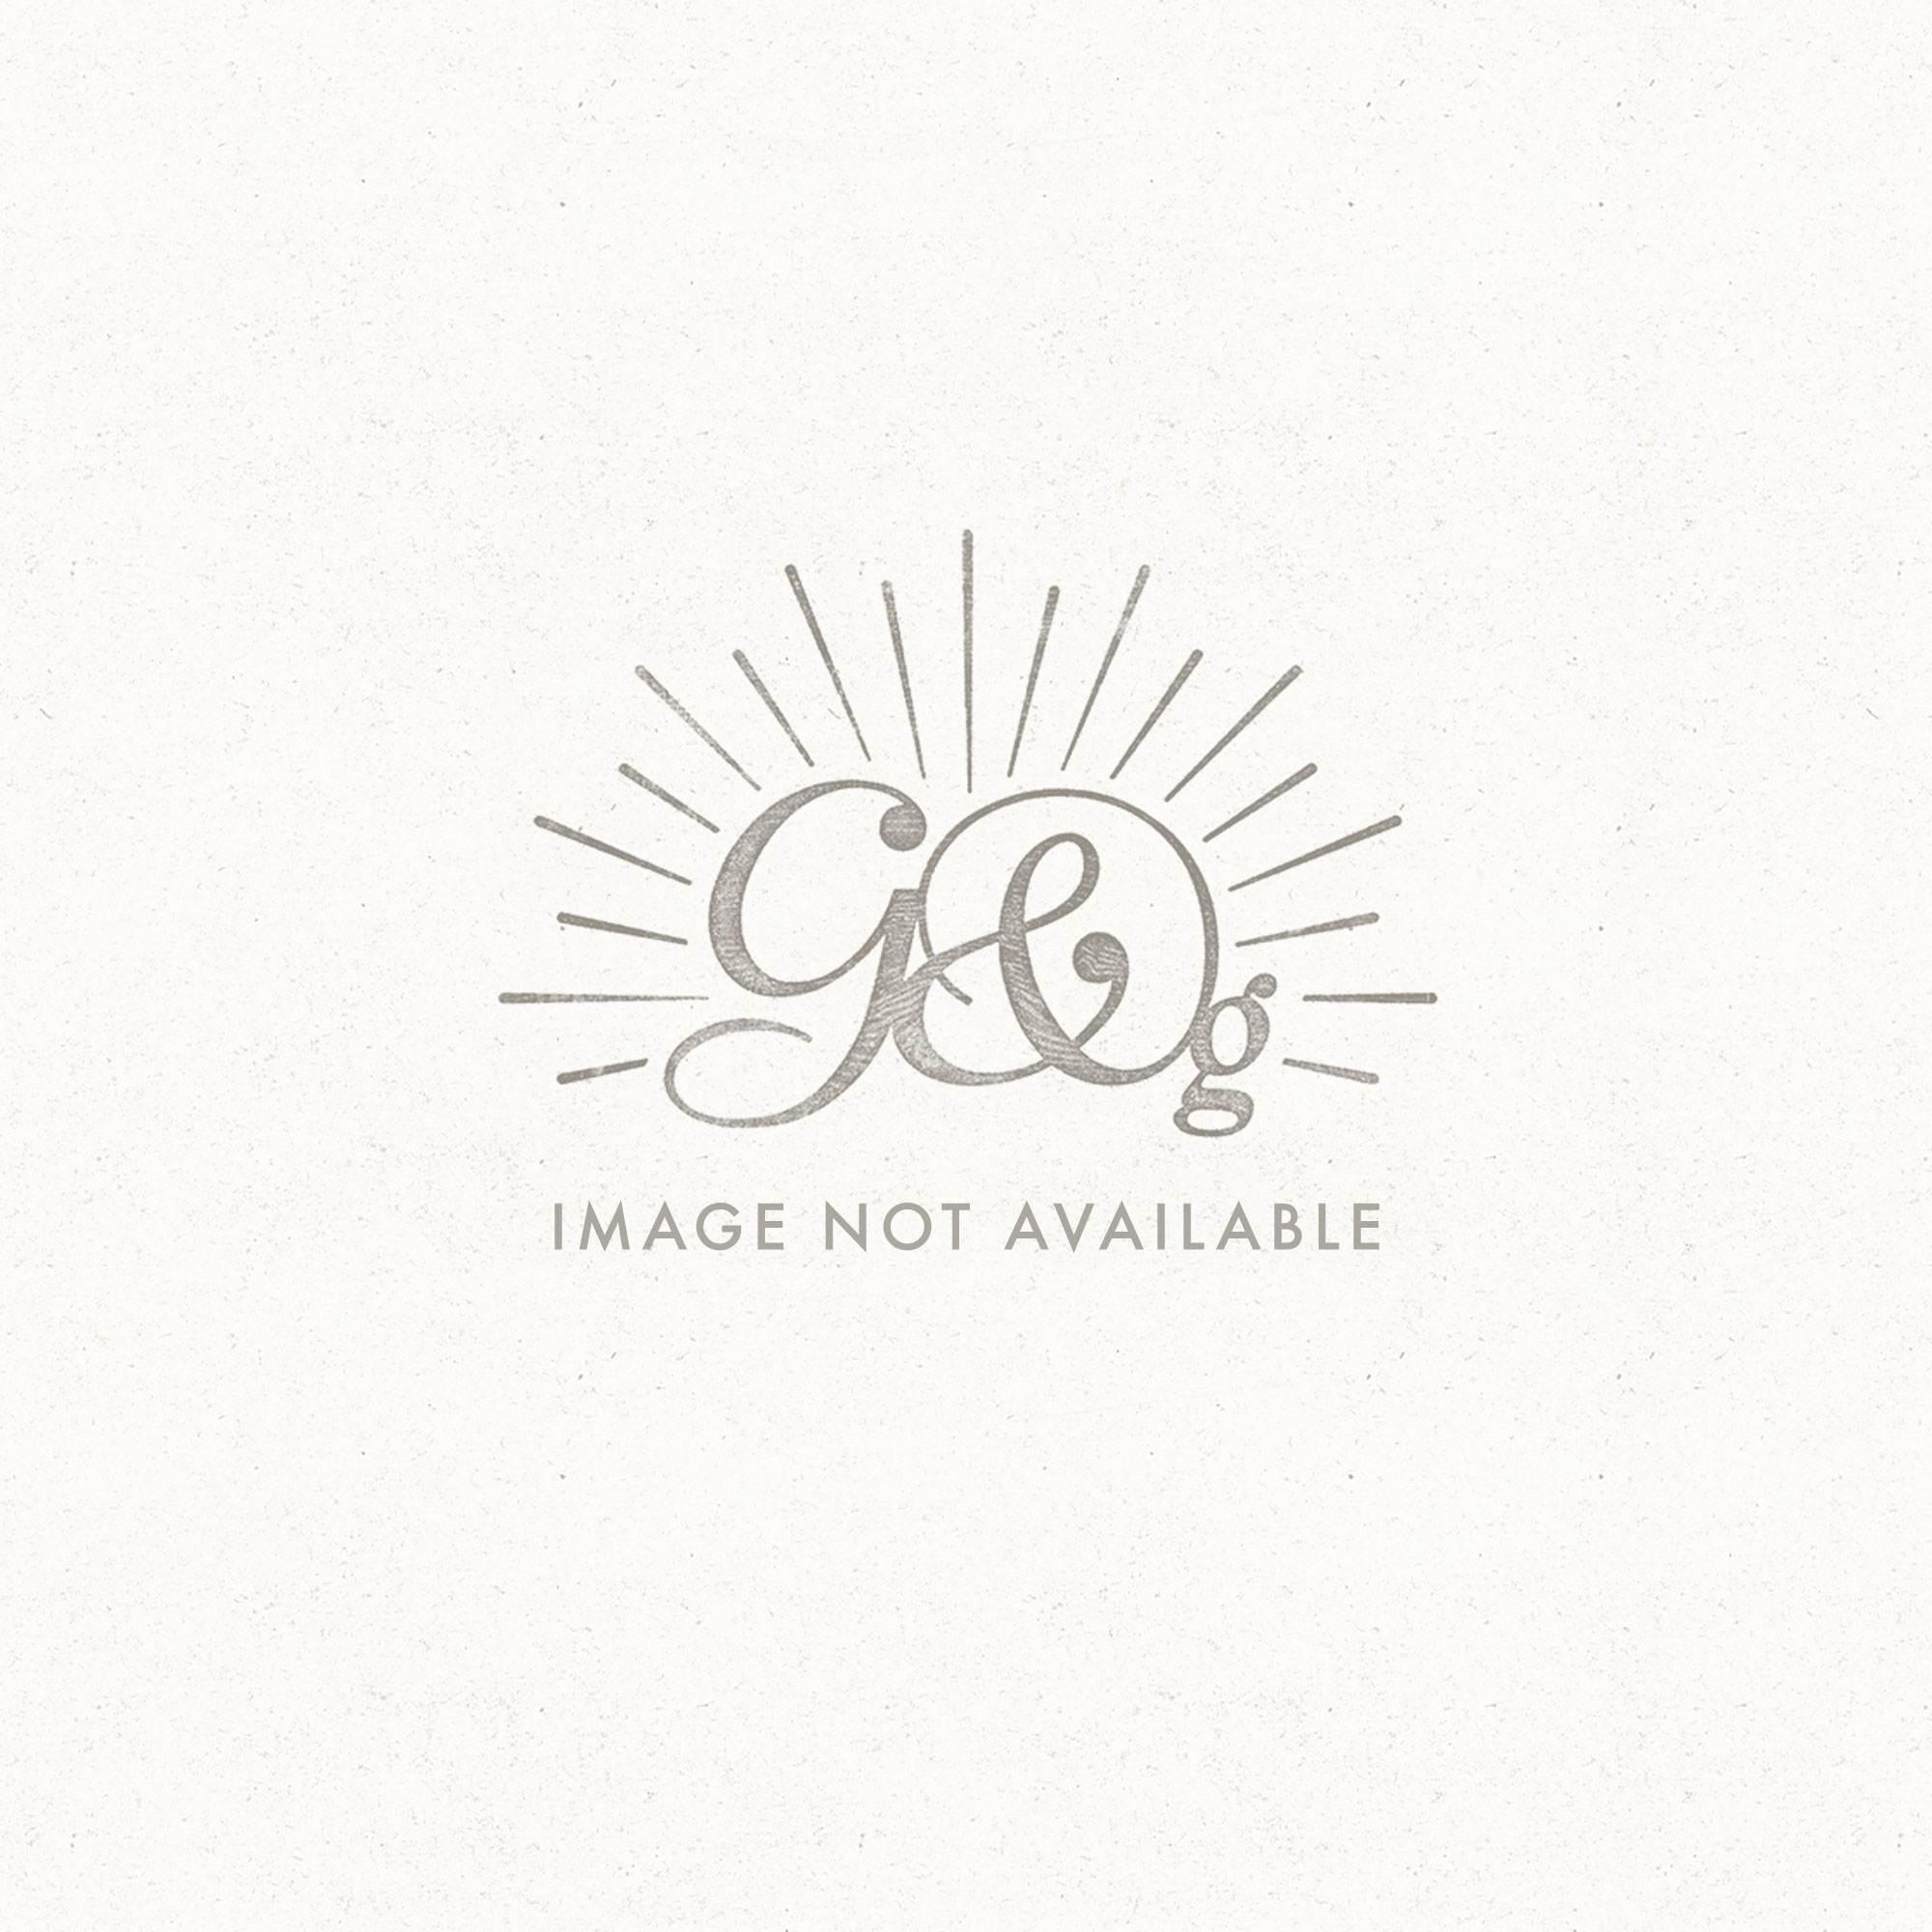 NBJ3401_M1_6.jpg